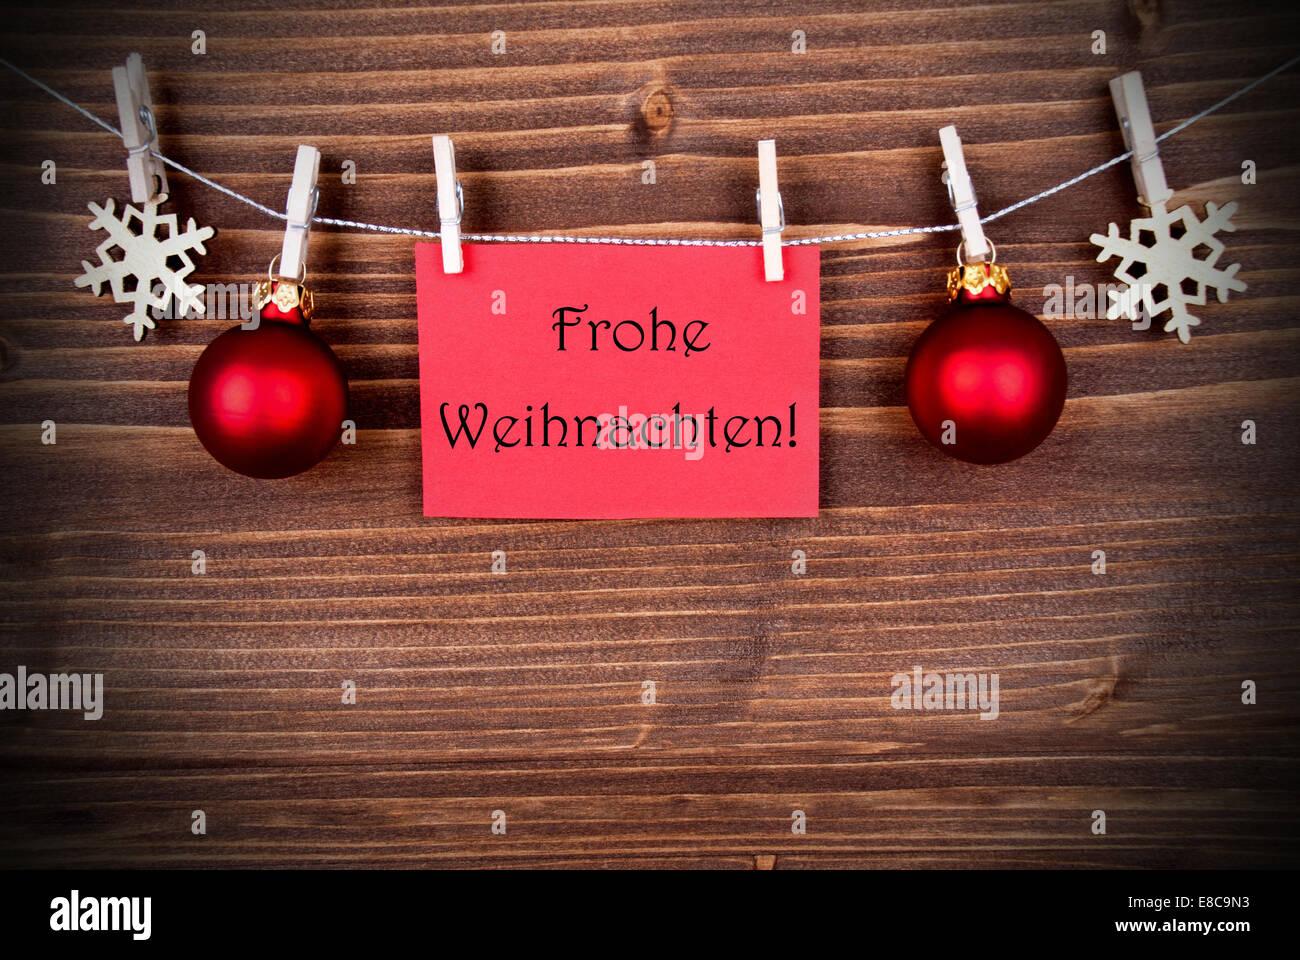 rote fahne mit der deutschen w rter frohe wohnaccesoires d. Black Bedroom Furniture Sets. Home Design Ideas